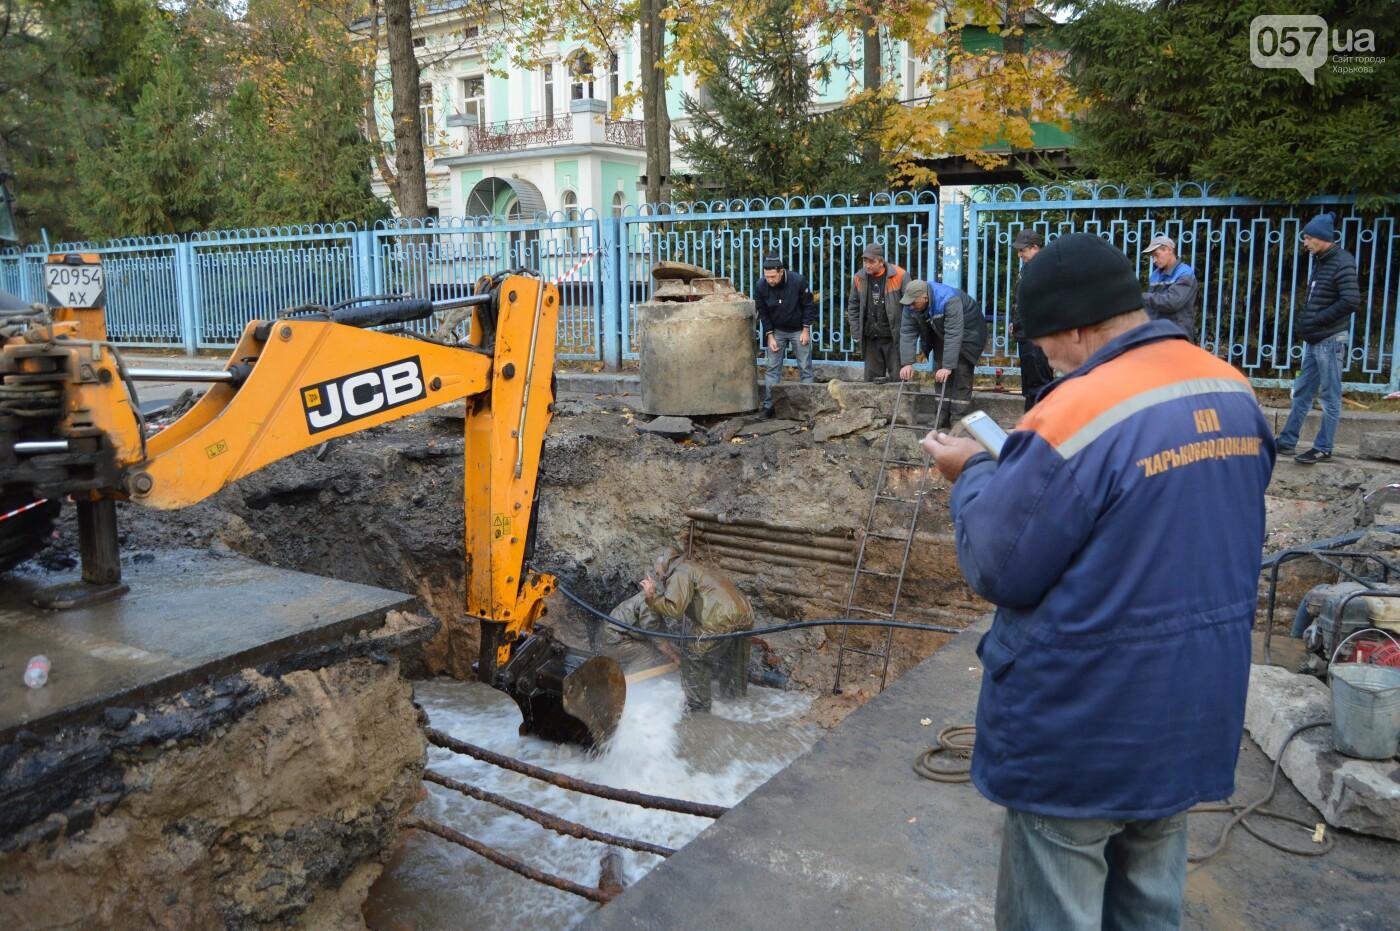 В центре Харькова повредили трубопровод: холодная вода залила улицу, - ФОТО, фото-6